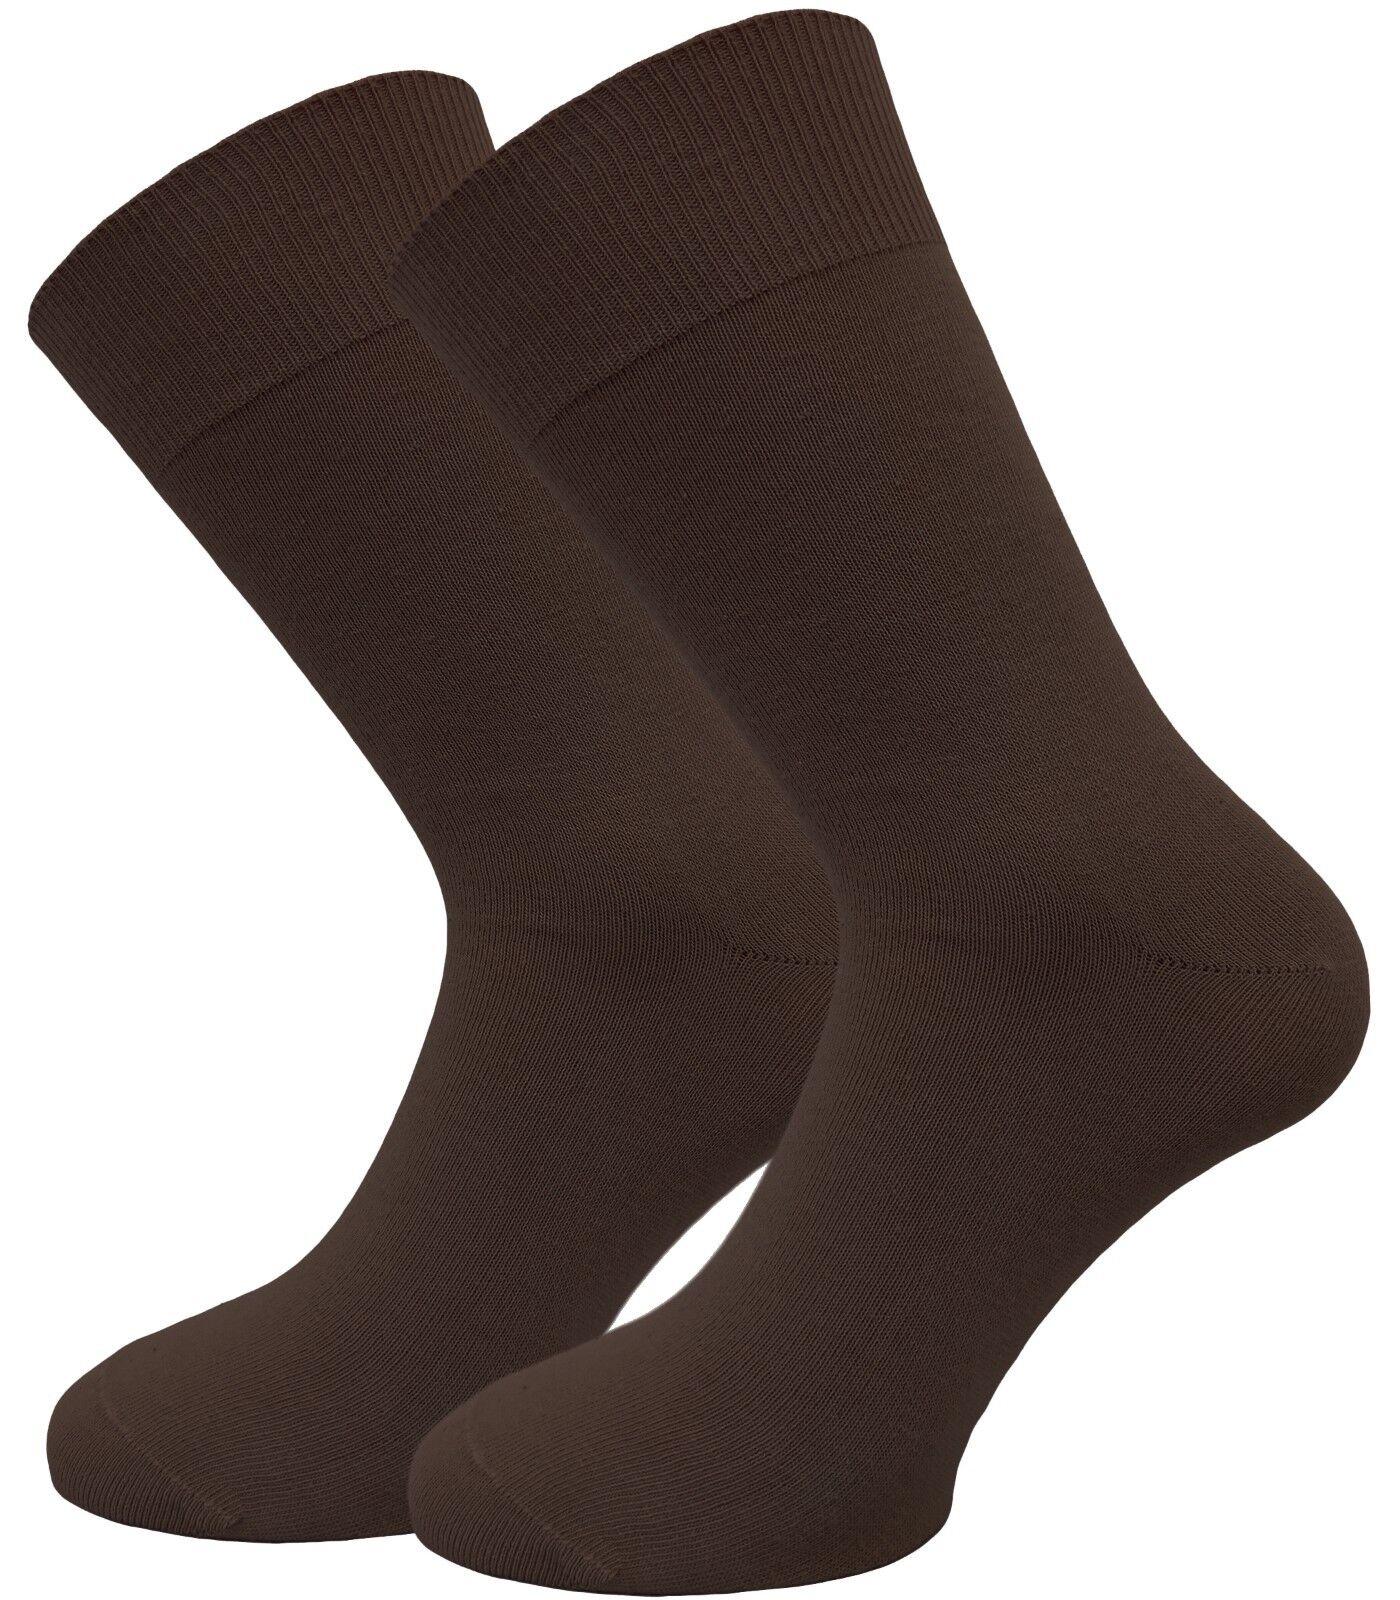 100% Baumwolle - Socken für Männer in beige und braun handgekettelt Komfortbund